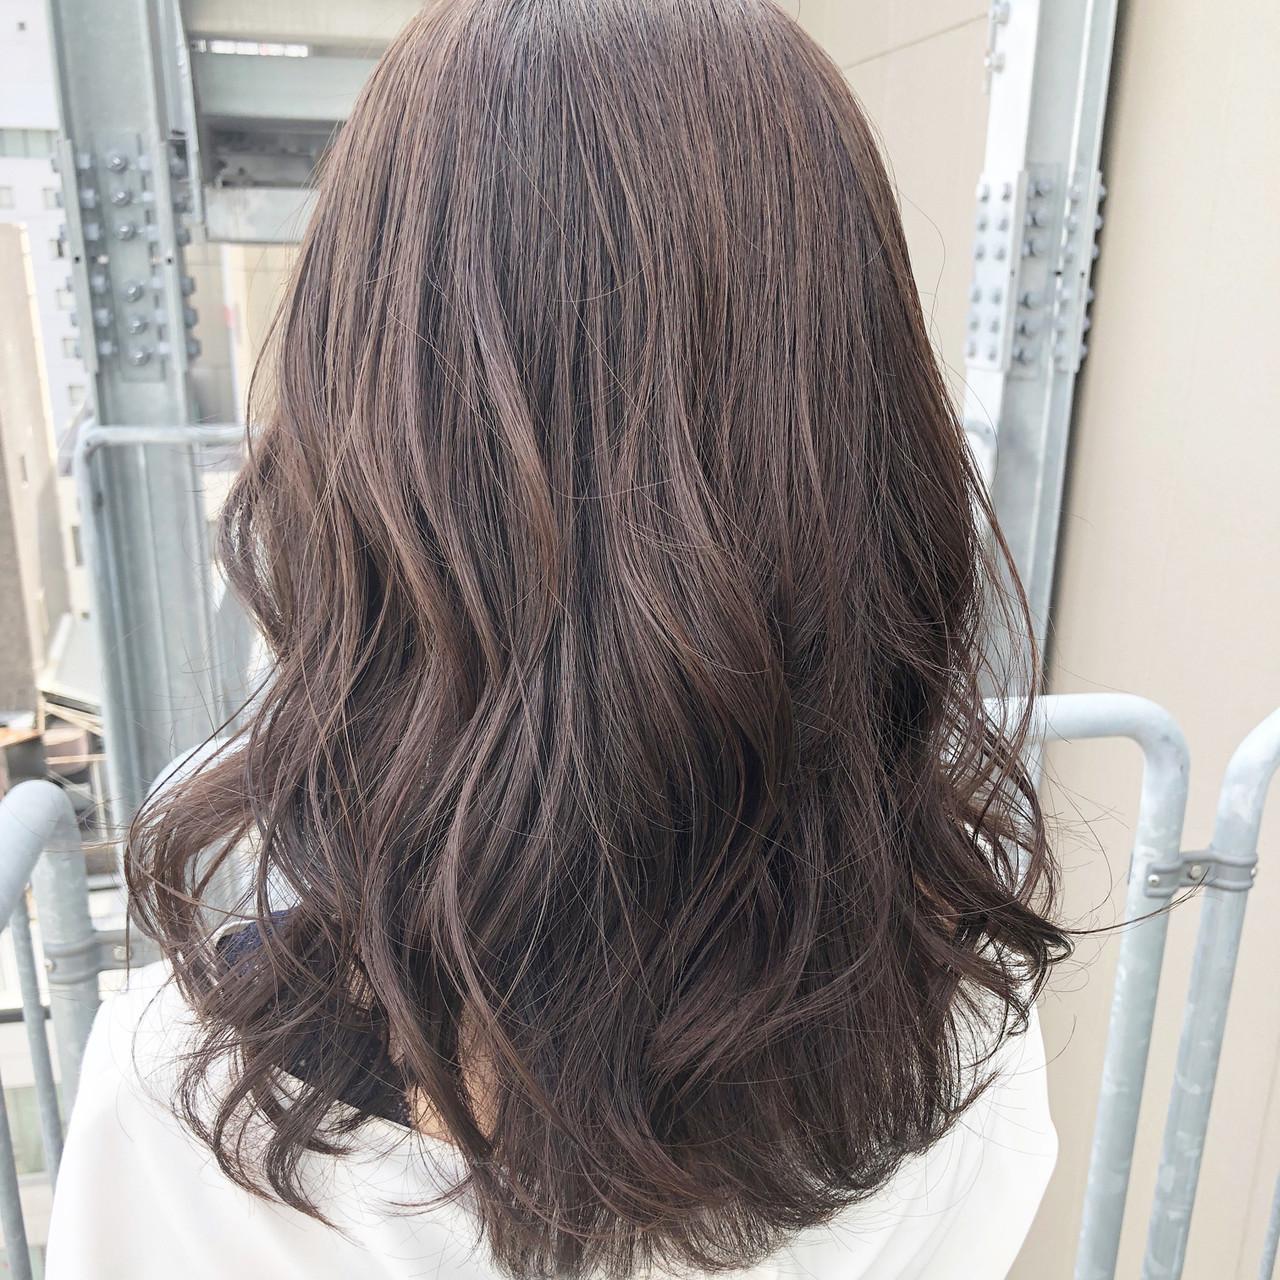 ミディアム ゆるナチュラル ナチュラルベージュ ナチュラル ヘアスタイルや髪型の写真・画像 | 坂本圭太朗 / bado